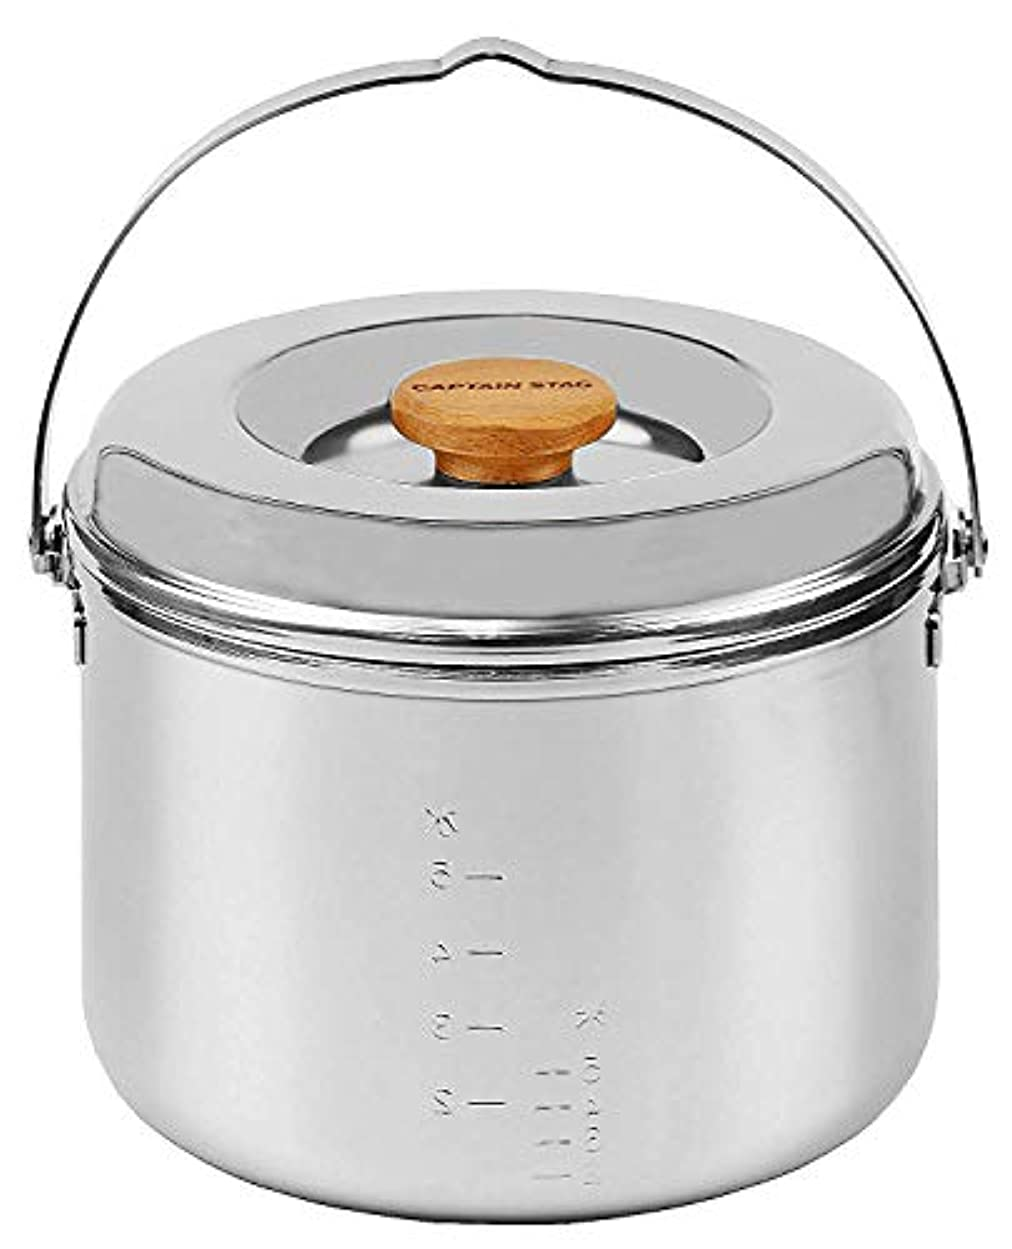 帳面粘土喜んでキャプテンスタッグ(CAPTAIN STAG) キャンプ バーベキュー用 炊飯器 3層鋼ごはん炊きクッカー5合 M-8610M-8610